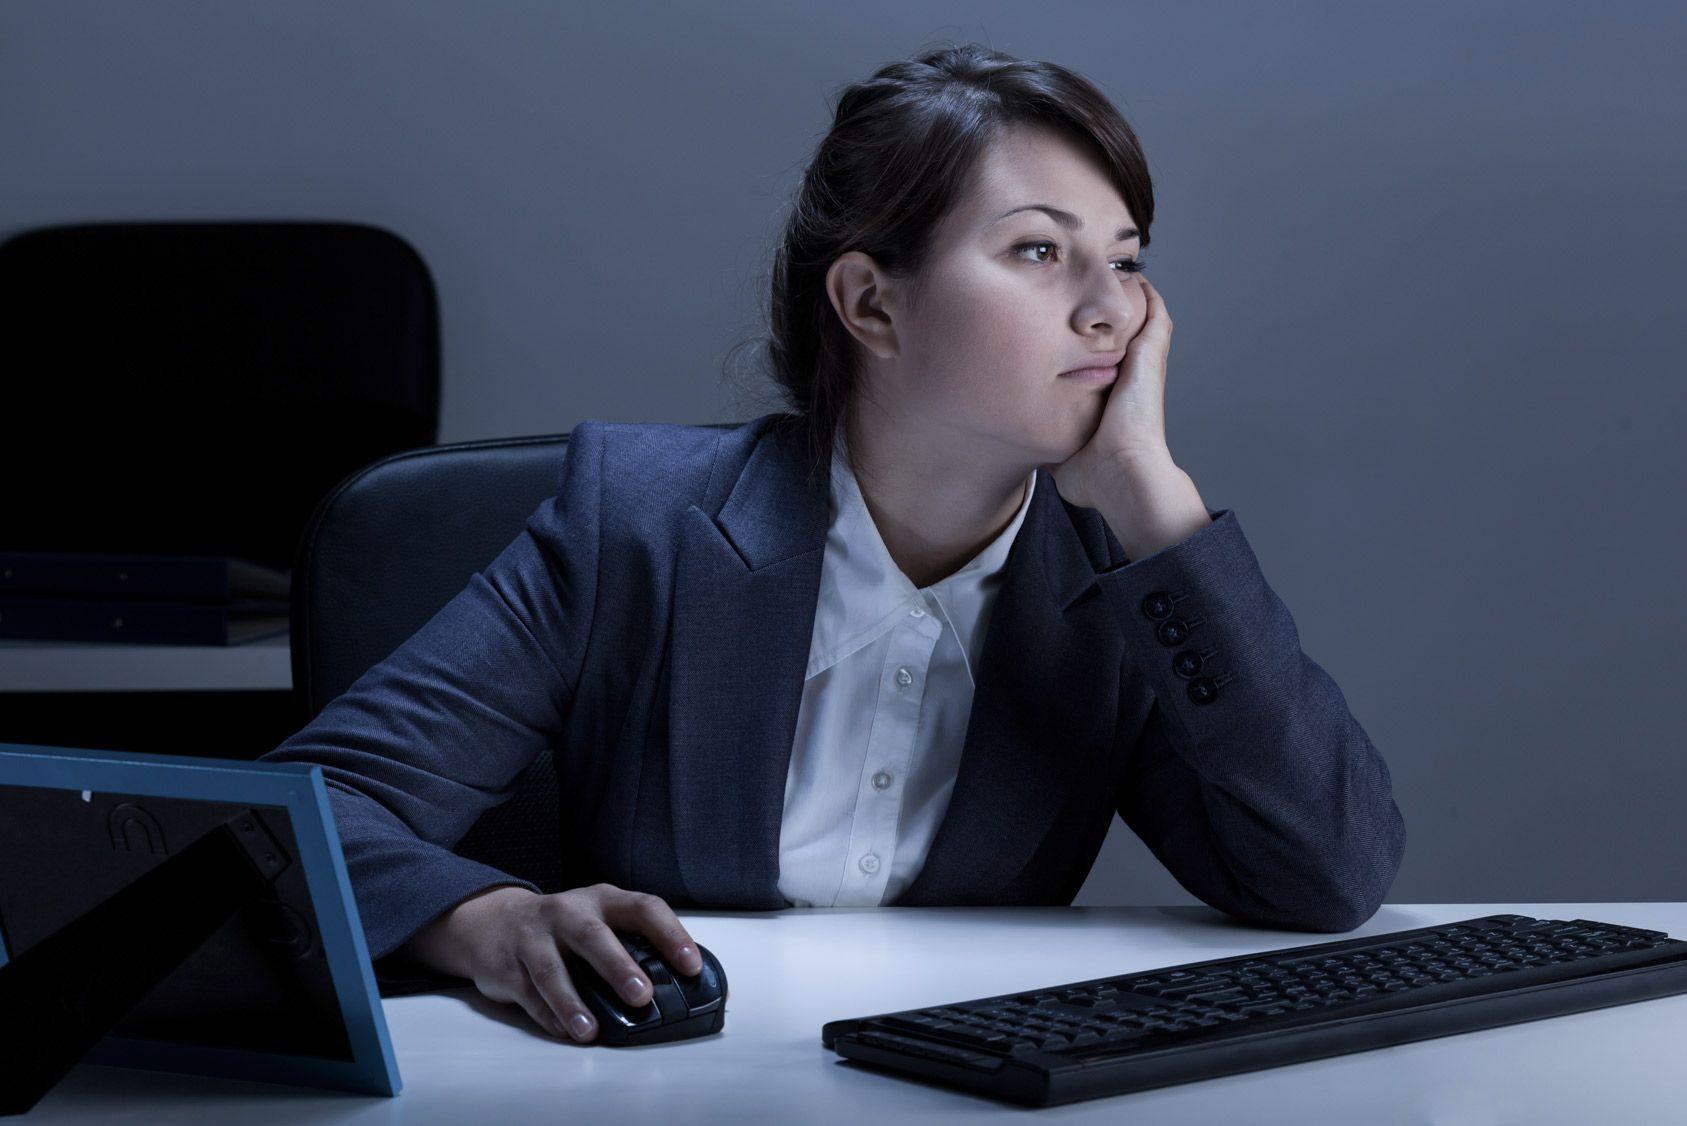 L'ennui au travail peut nuire à la santé du salarié!